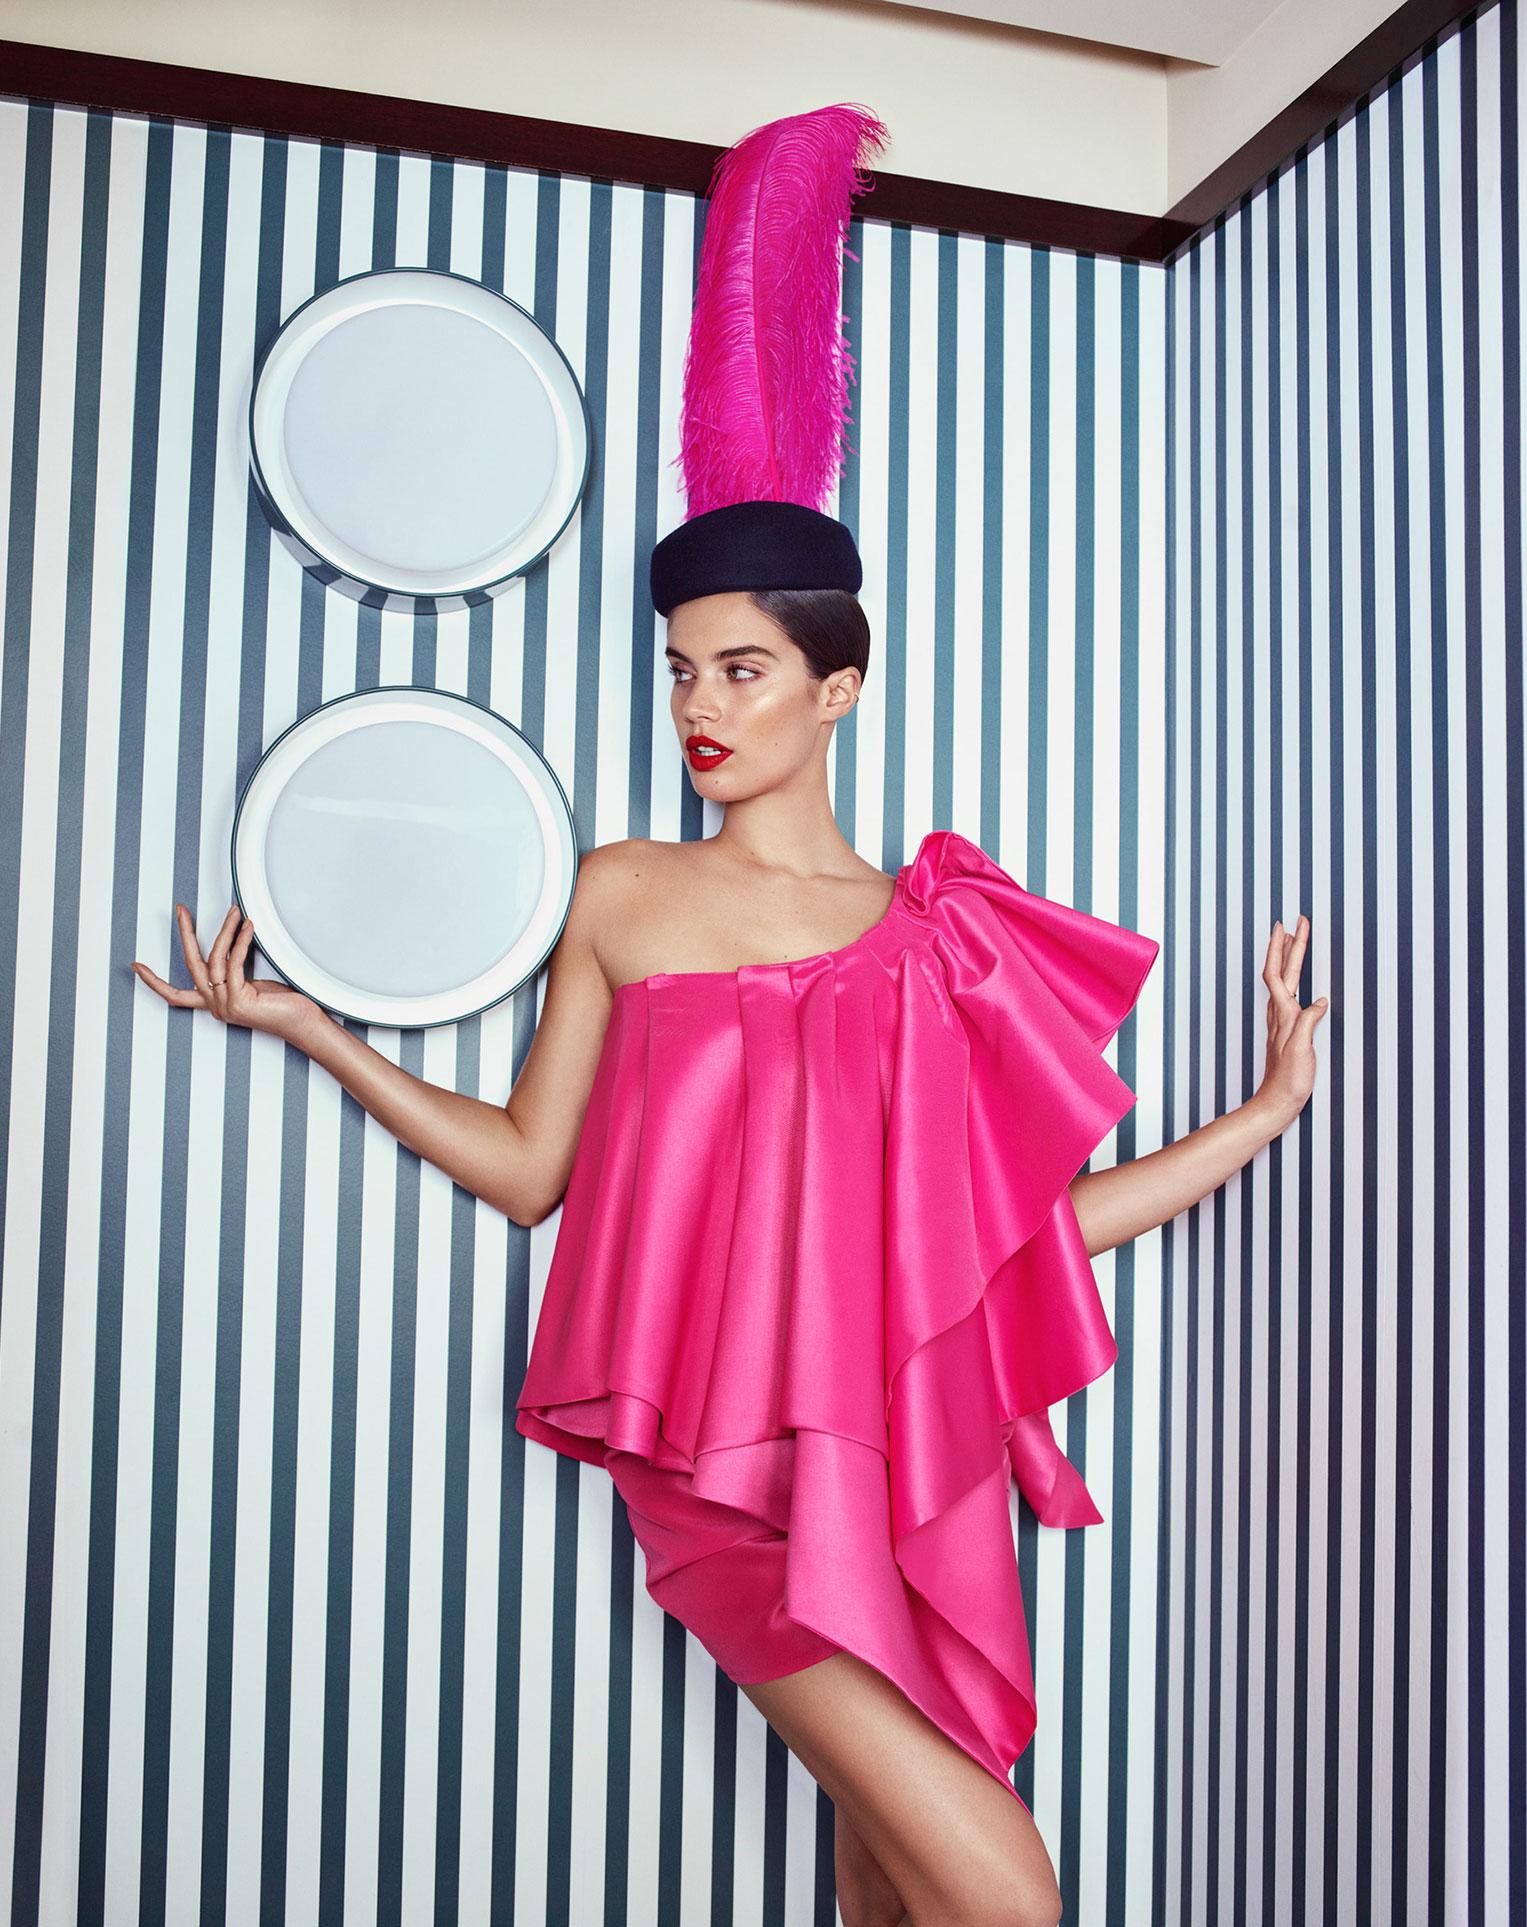 Сара Сампайо демонстрирует модные наряды на улицах и балконах Парижа / фото 14